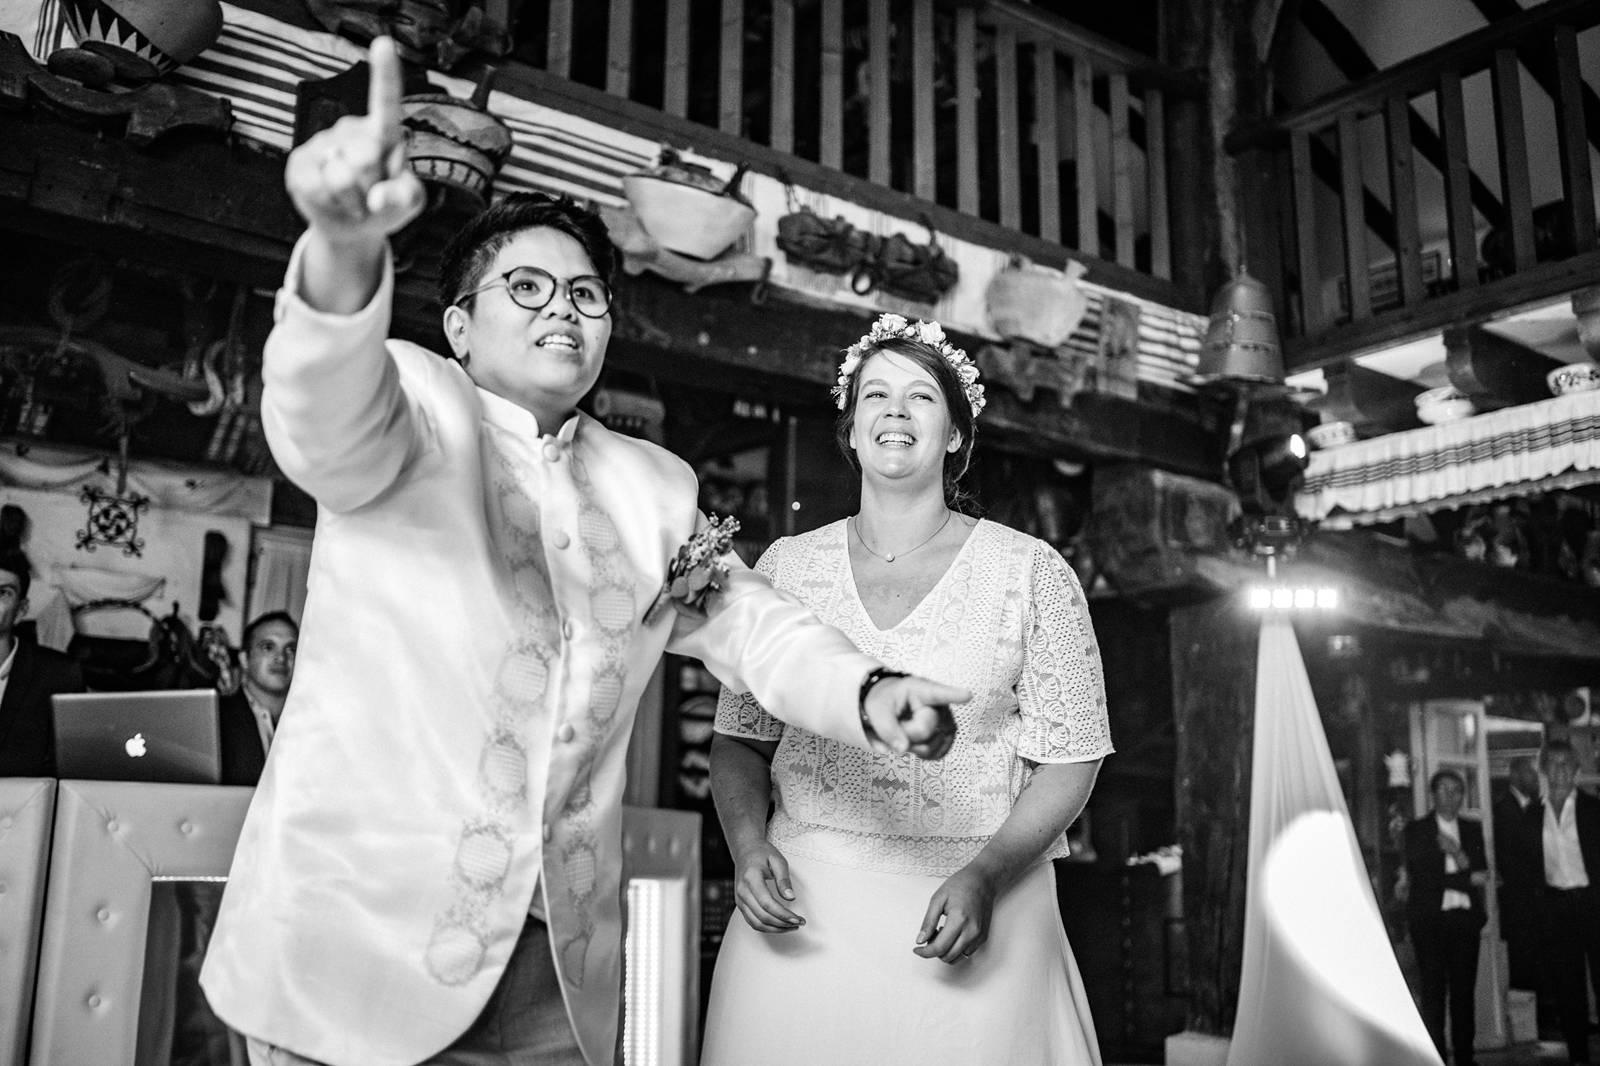 Le reportage mariage laïque franco-philippin de M+J à Bidart puis de la cérémonie Laïque à la Ferme Inharria au Pays Basque.